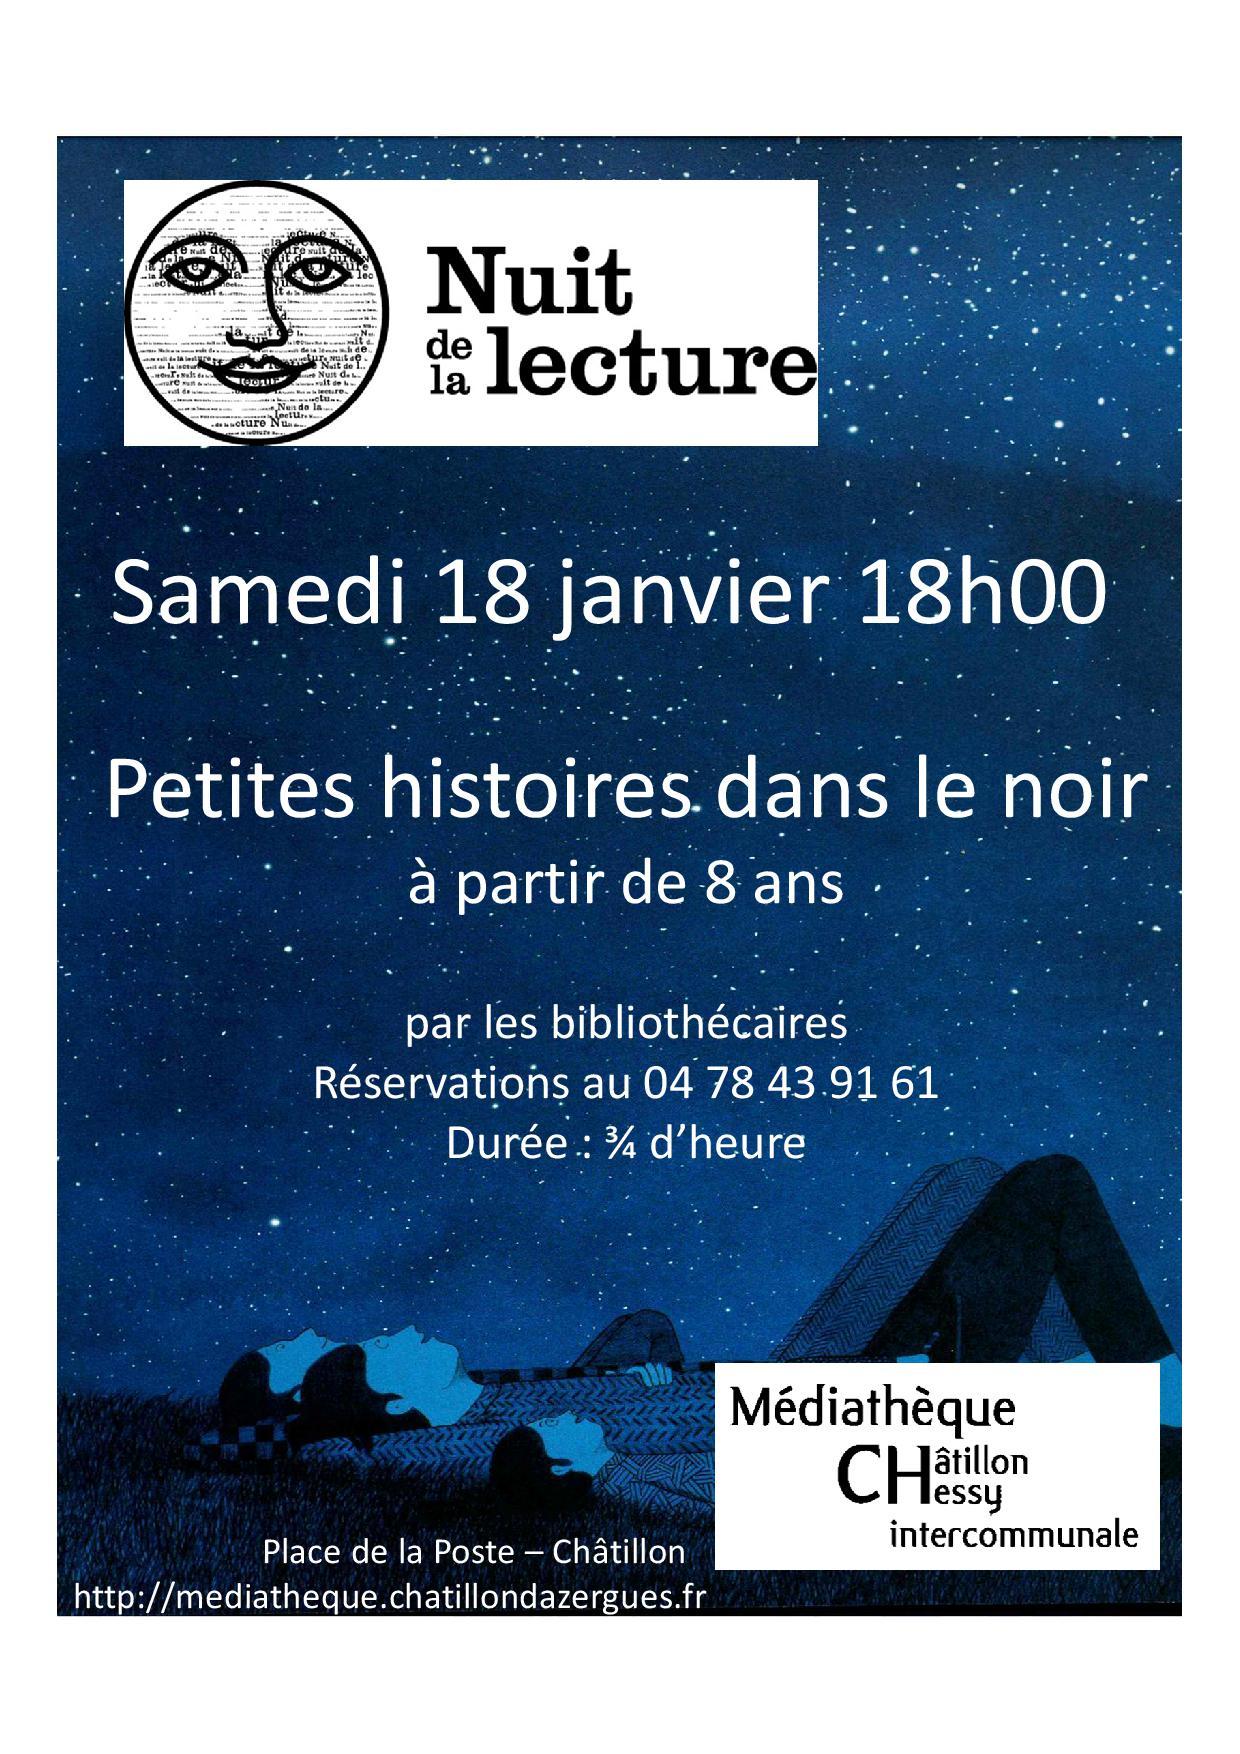 Nuit de la lecture atelier 2